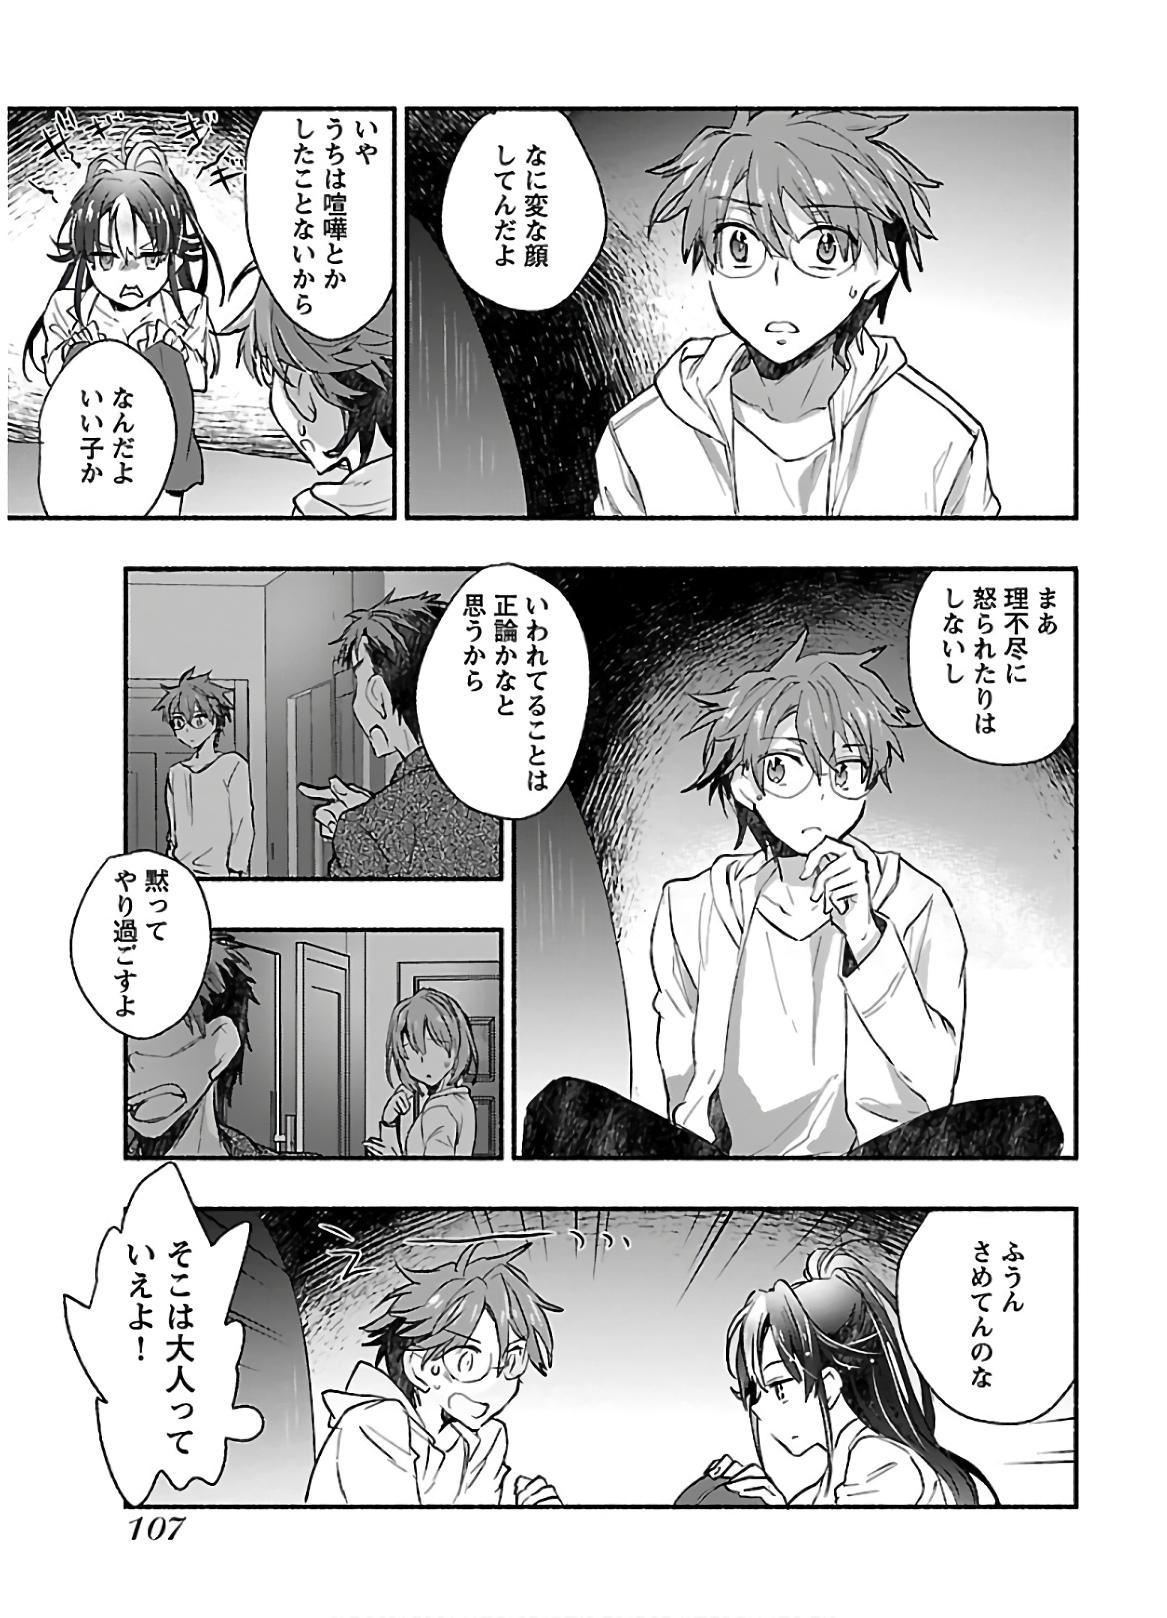 Yankii musume ni natsukarete kotoshi mo juken ni shippai shisou desu  vol.1 108